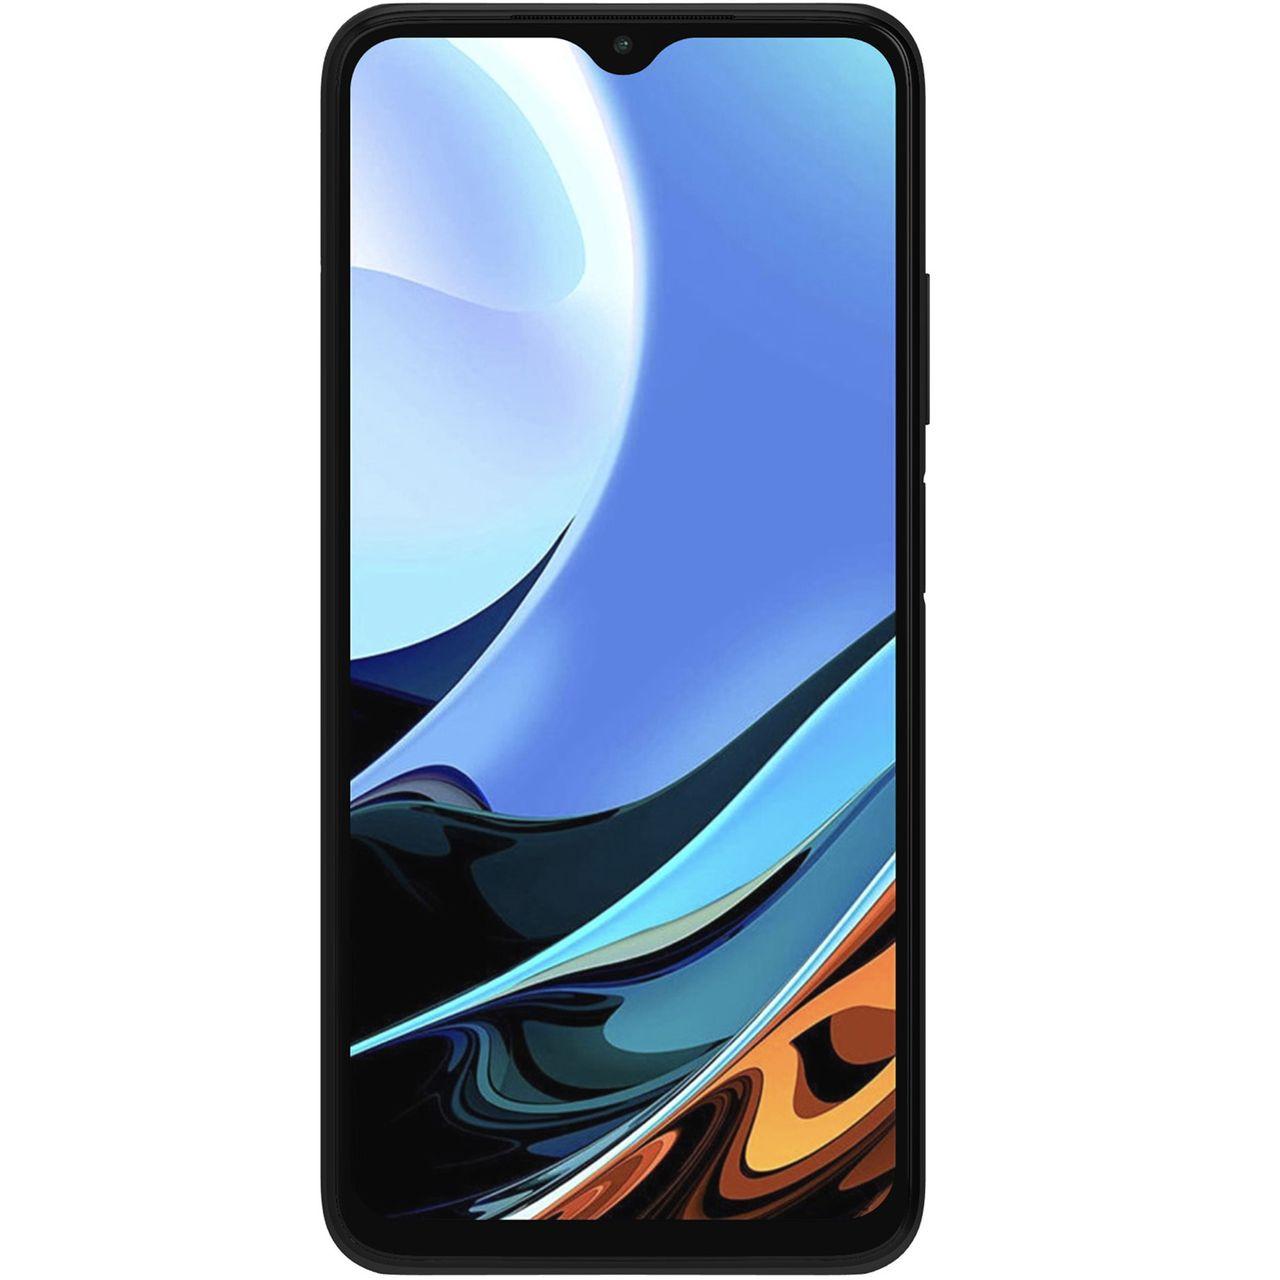 گوشی موبایل شیائومی مدل redmi 9T M2010J19SG ظرفیت ۱۲۸ گیگابایت و رم ۴ گیگابایت